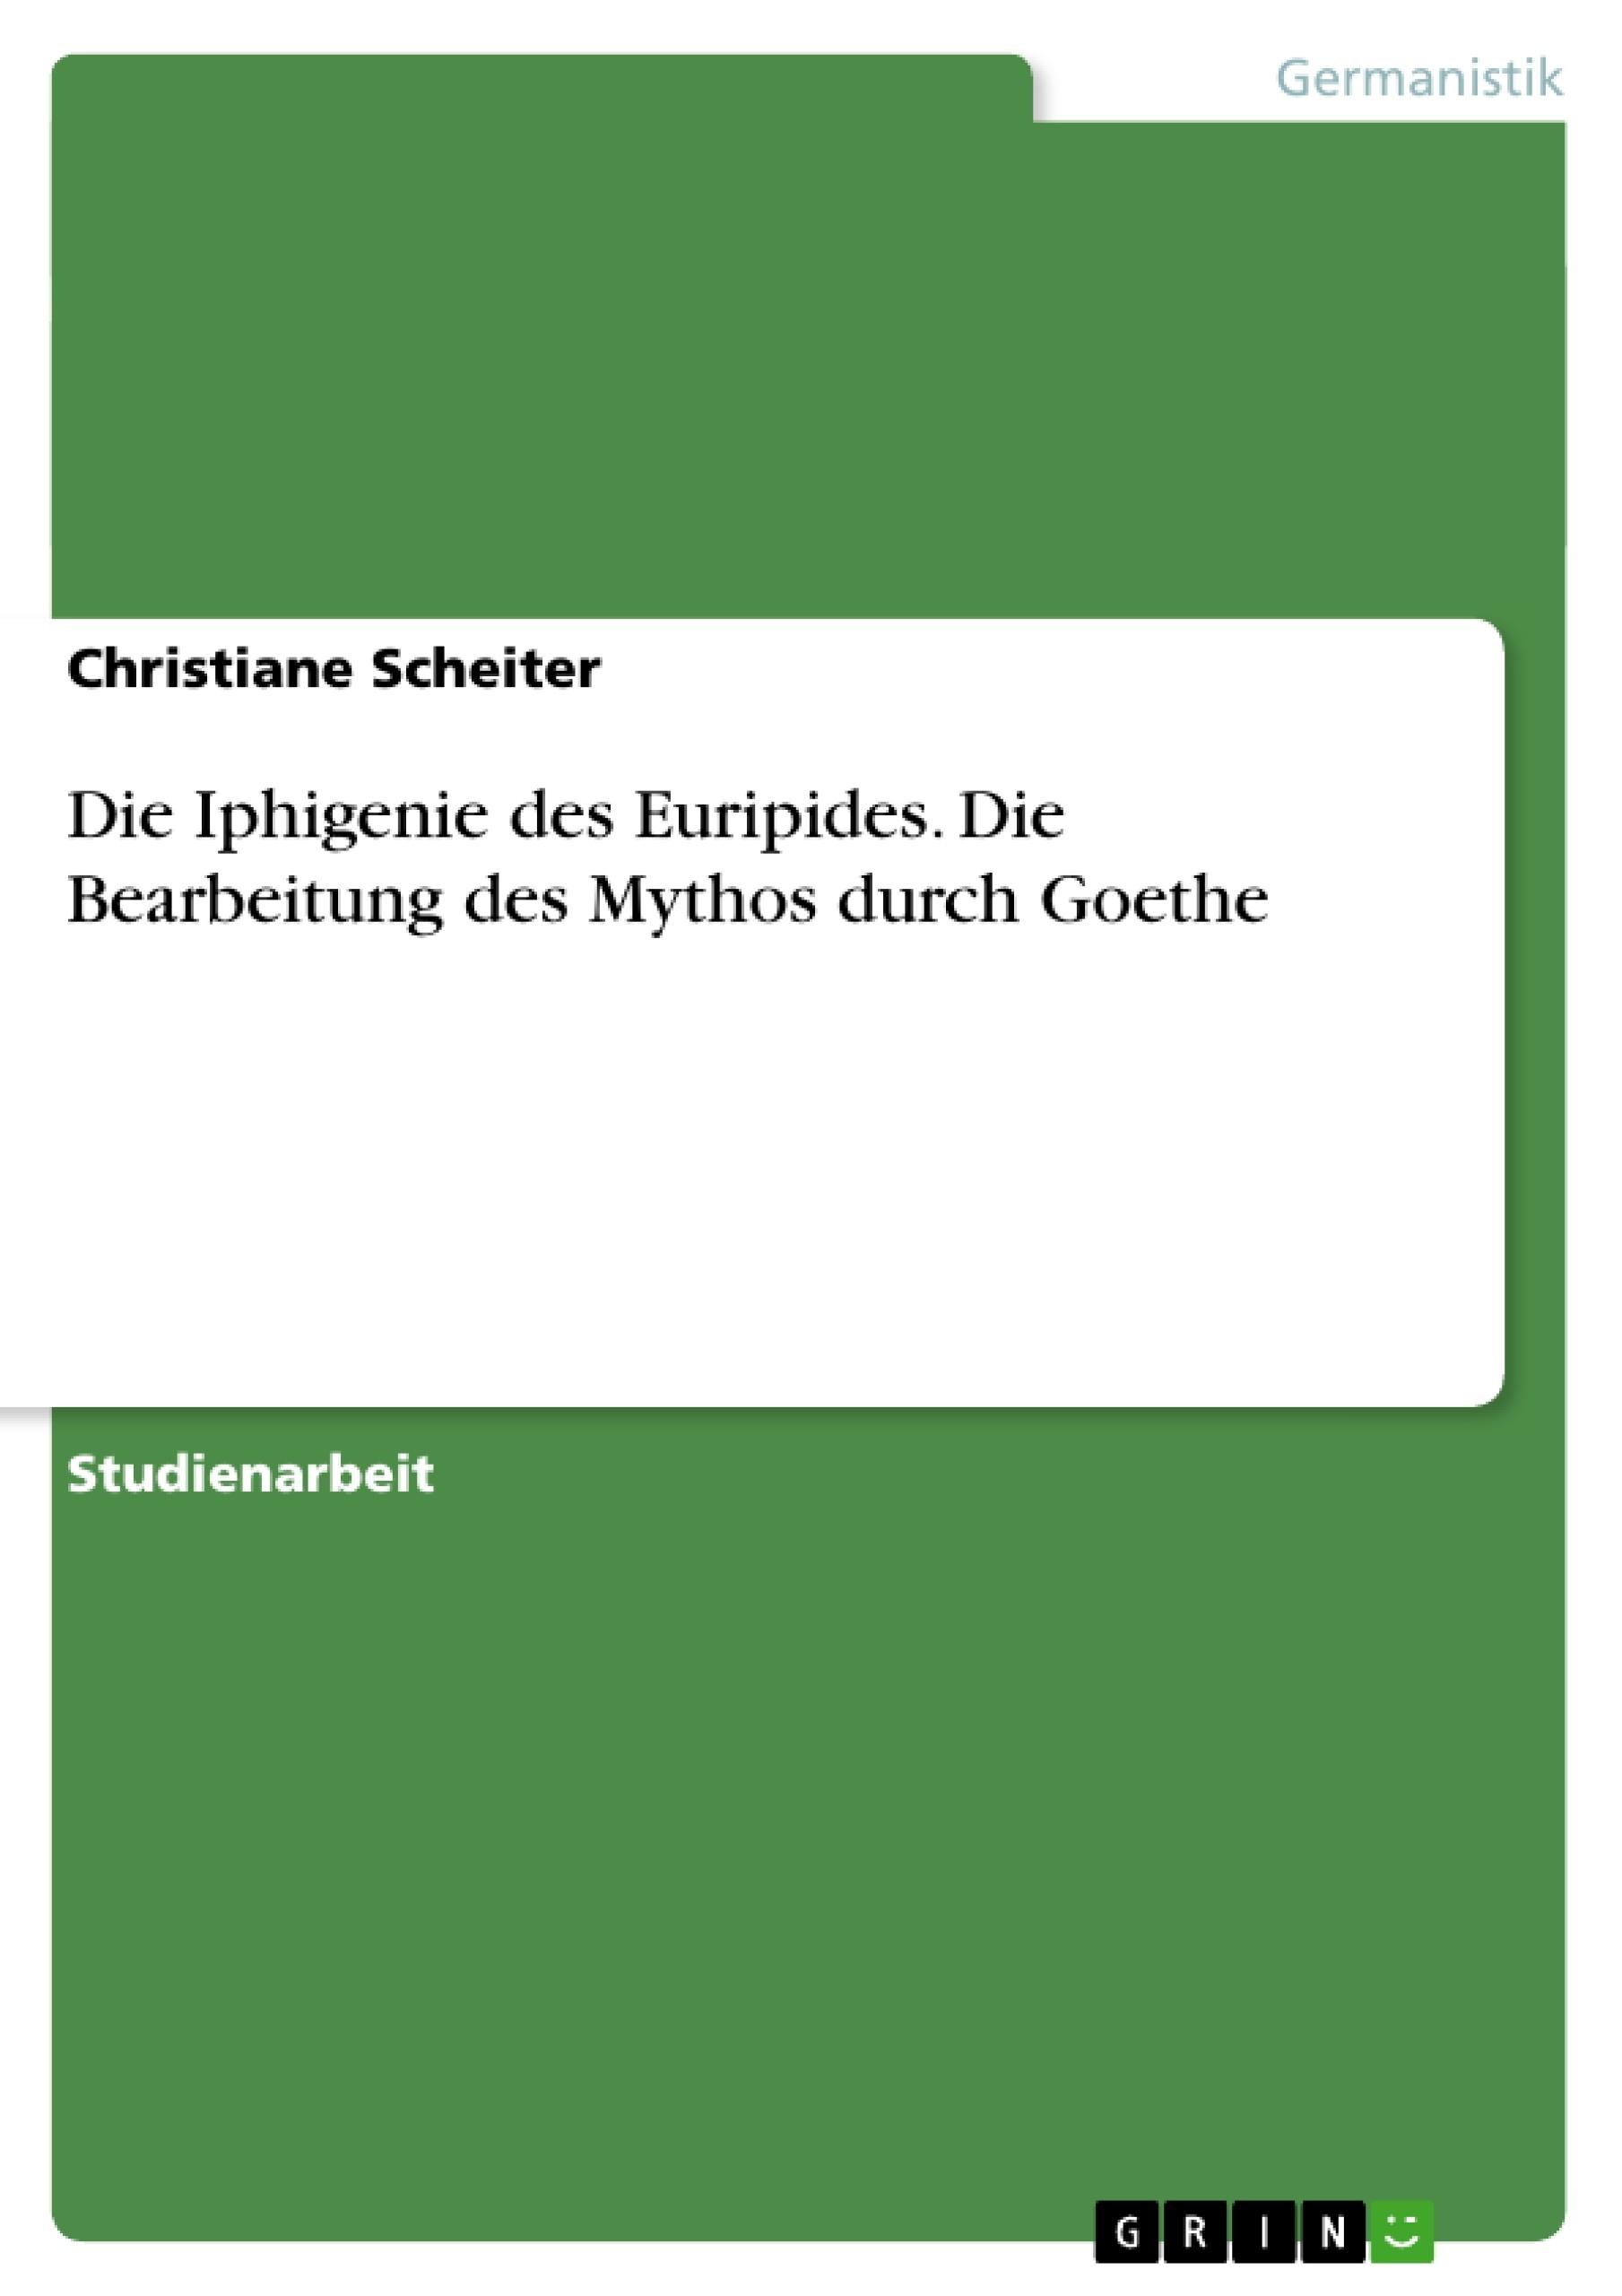 Titel: Die Iphigenie des Euripides. Die Bearbeitung des Mythos durch Goethe